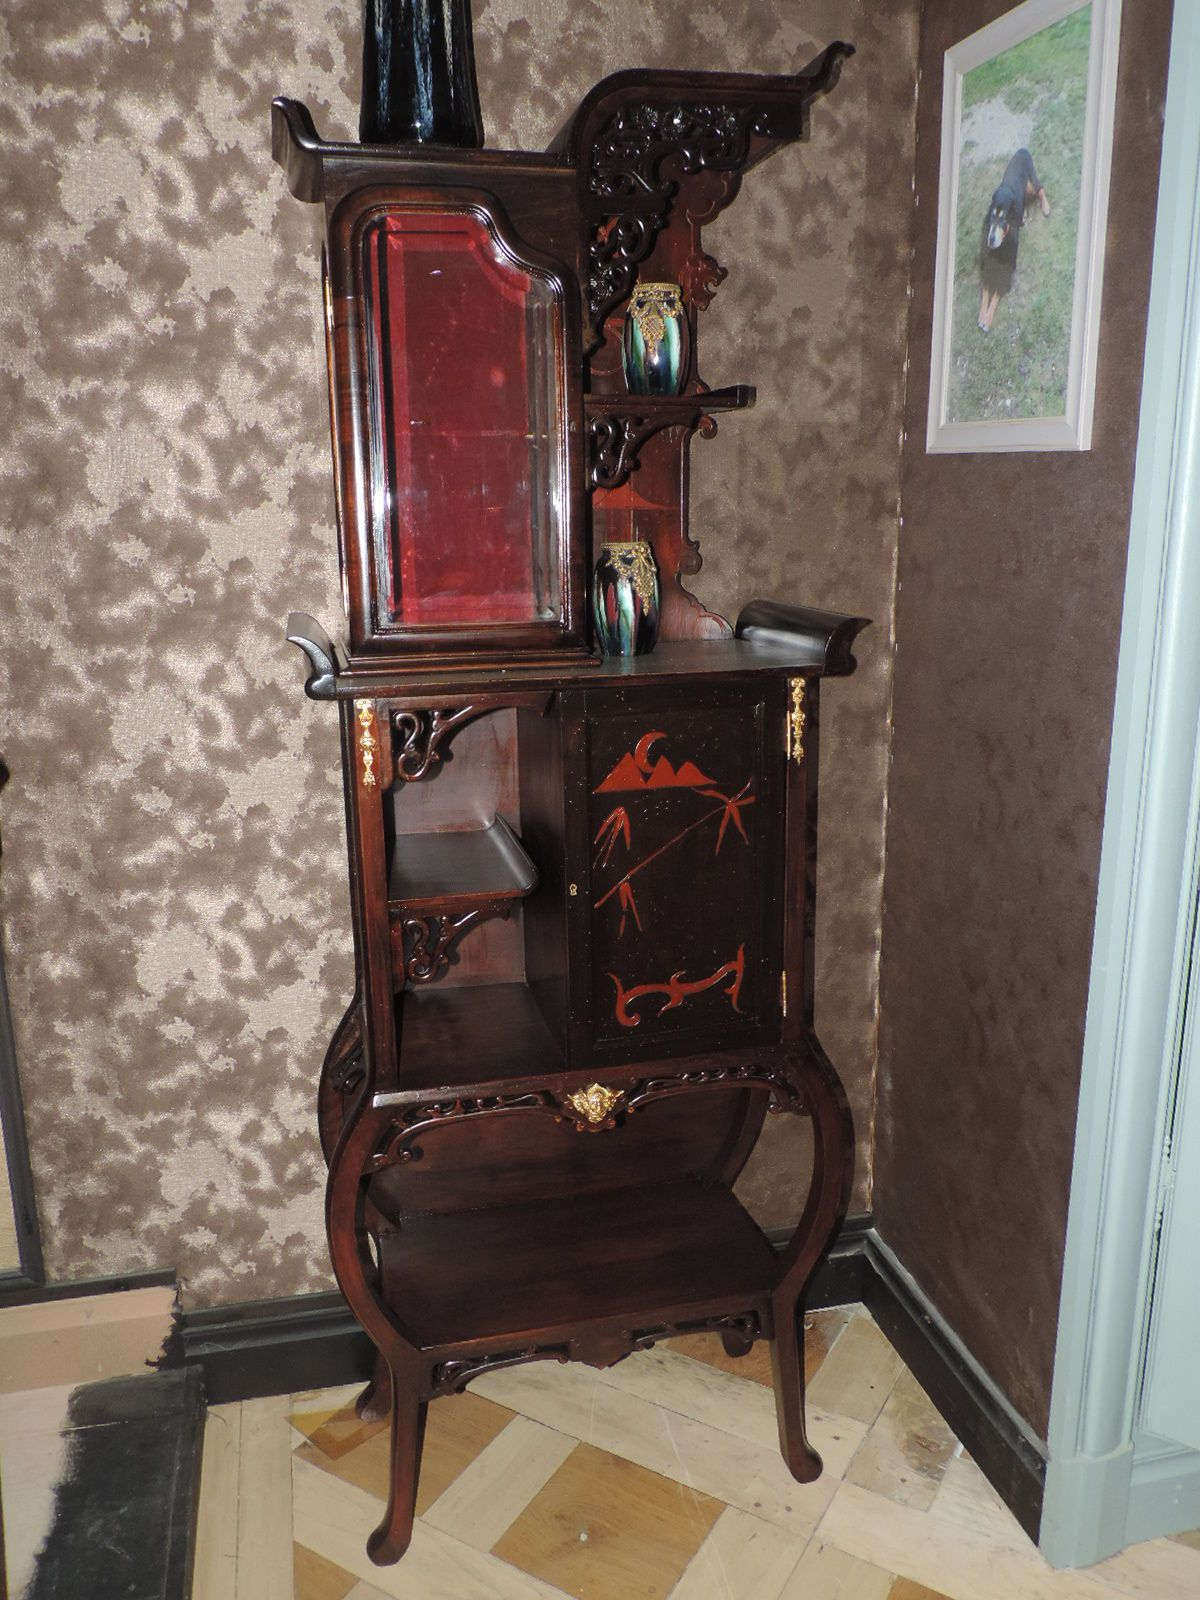 meuble de pr sentation tag re dans le go t de gabriel viardot asiatique gabriel viardot. Black Bedroom Furniture Sets. Home Design Ideas